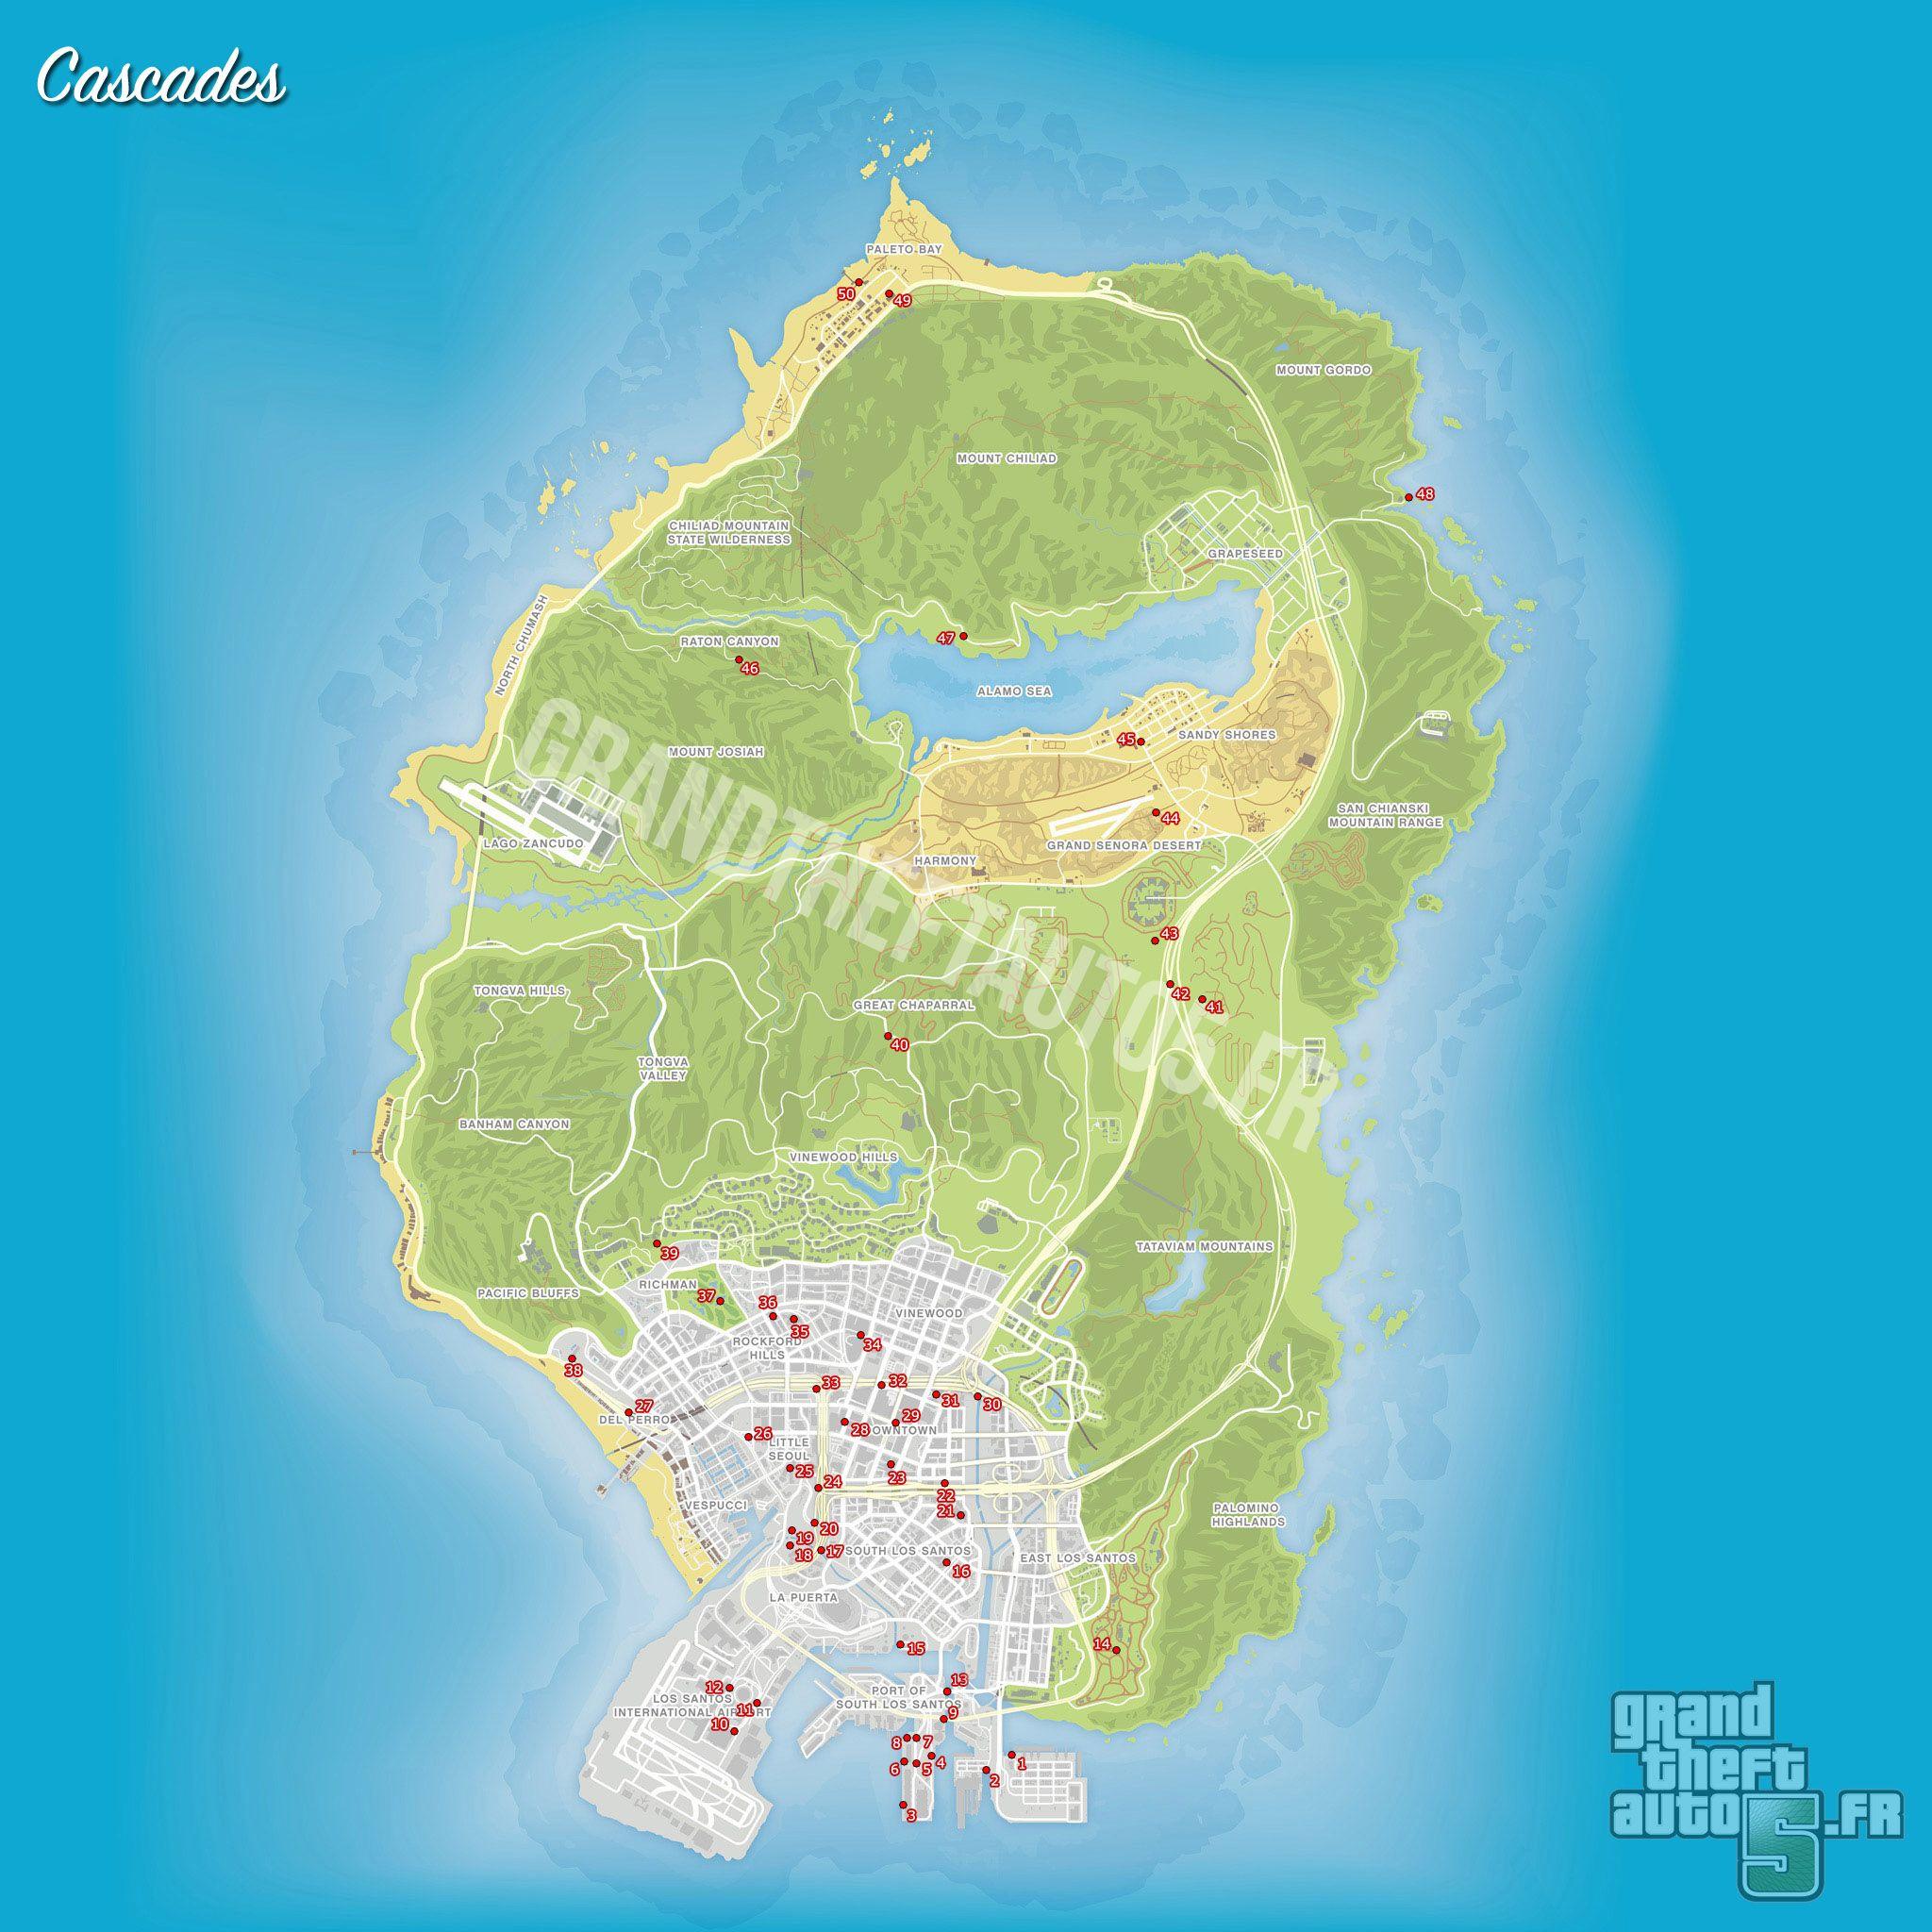 Carte Gta 5 Cascades Jpg 2 048 2 048 Pixels Sous Les Ponts Pont